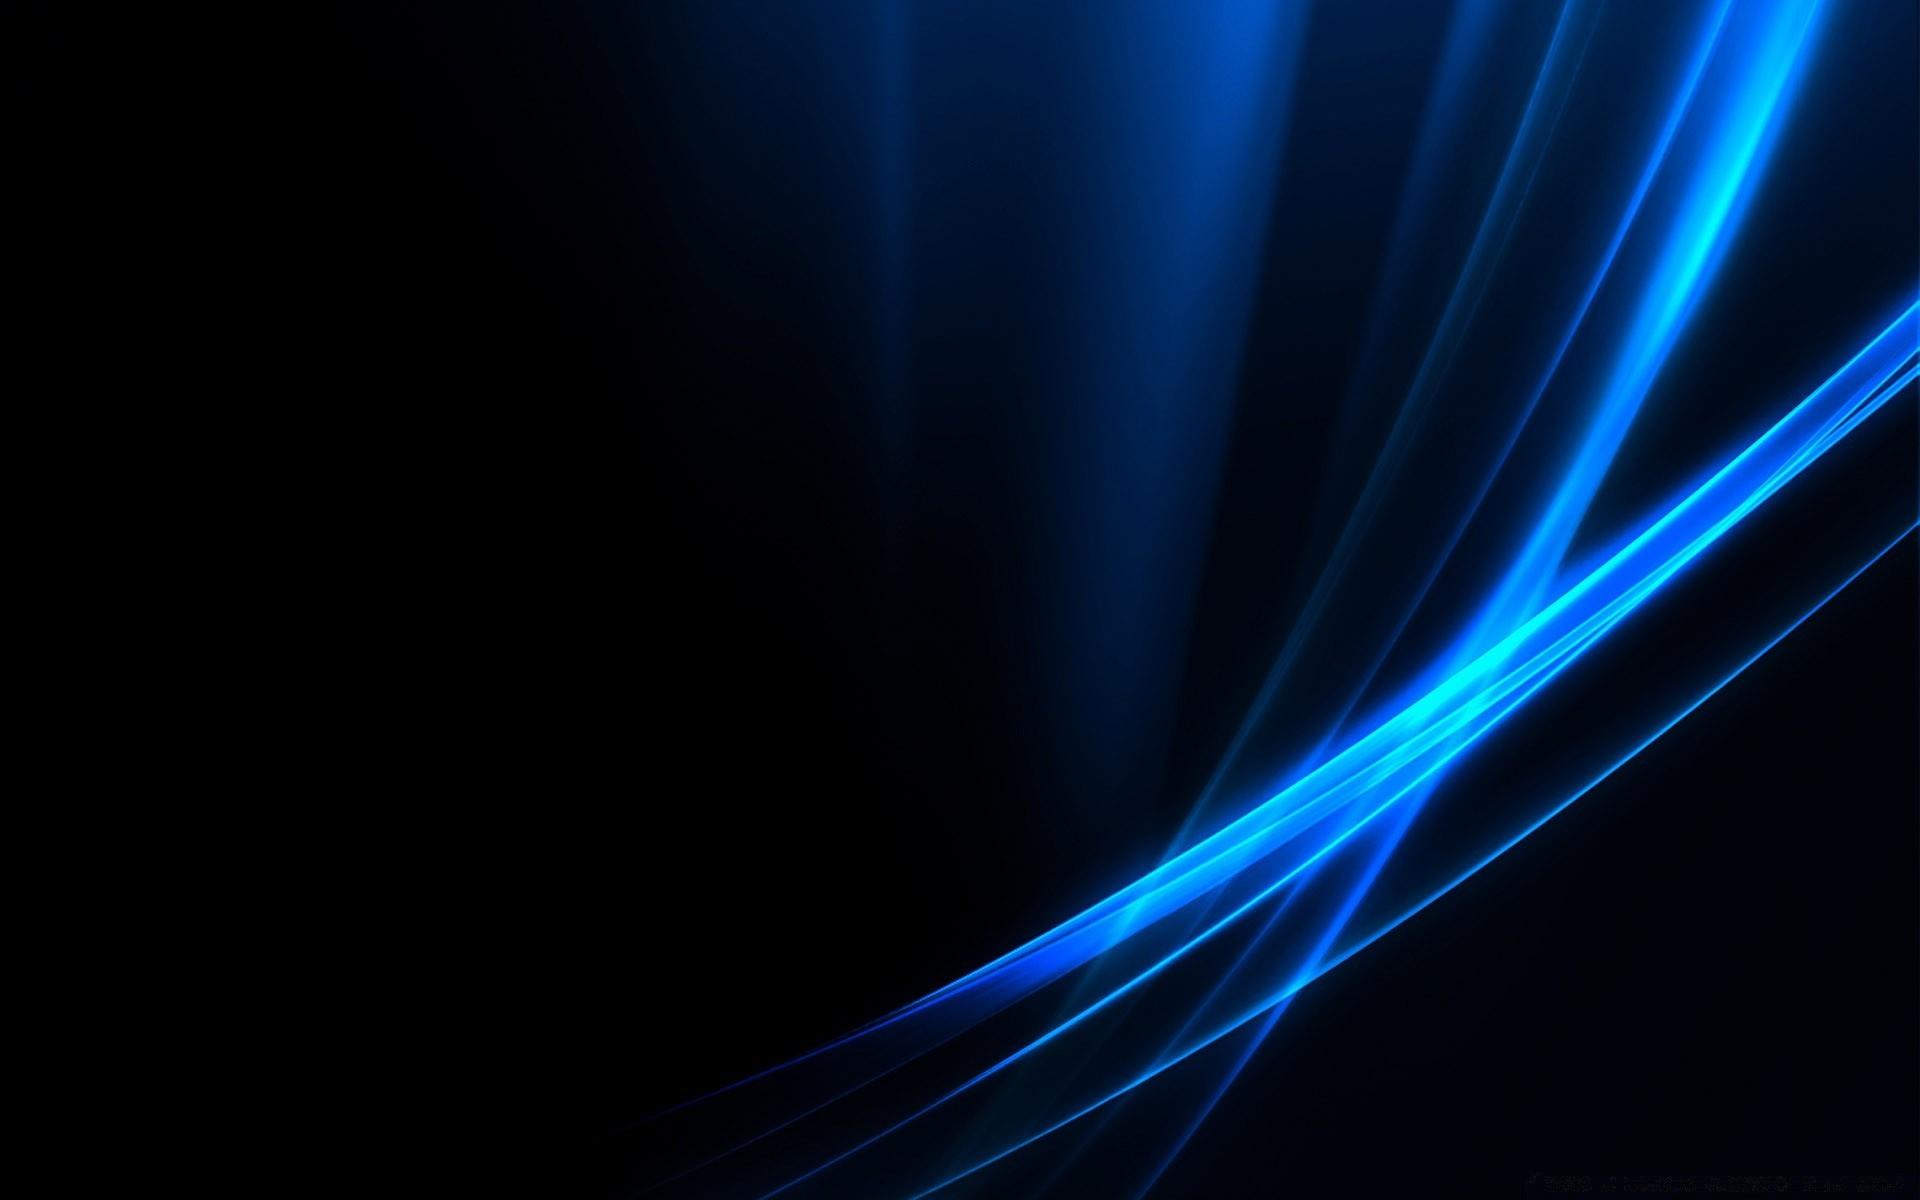 Абстракция голубая черный фон скачать